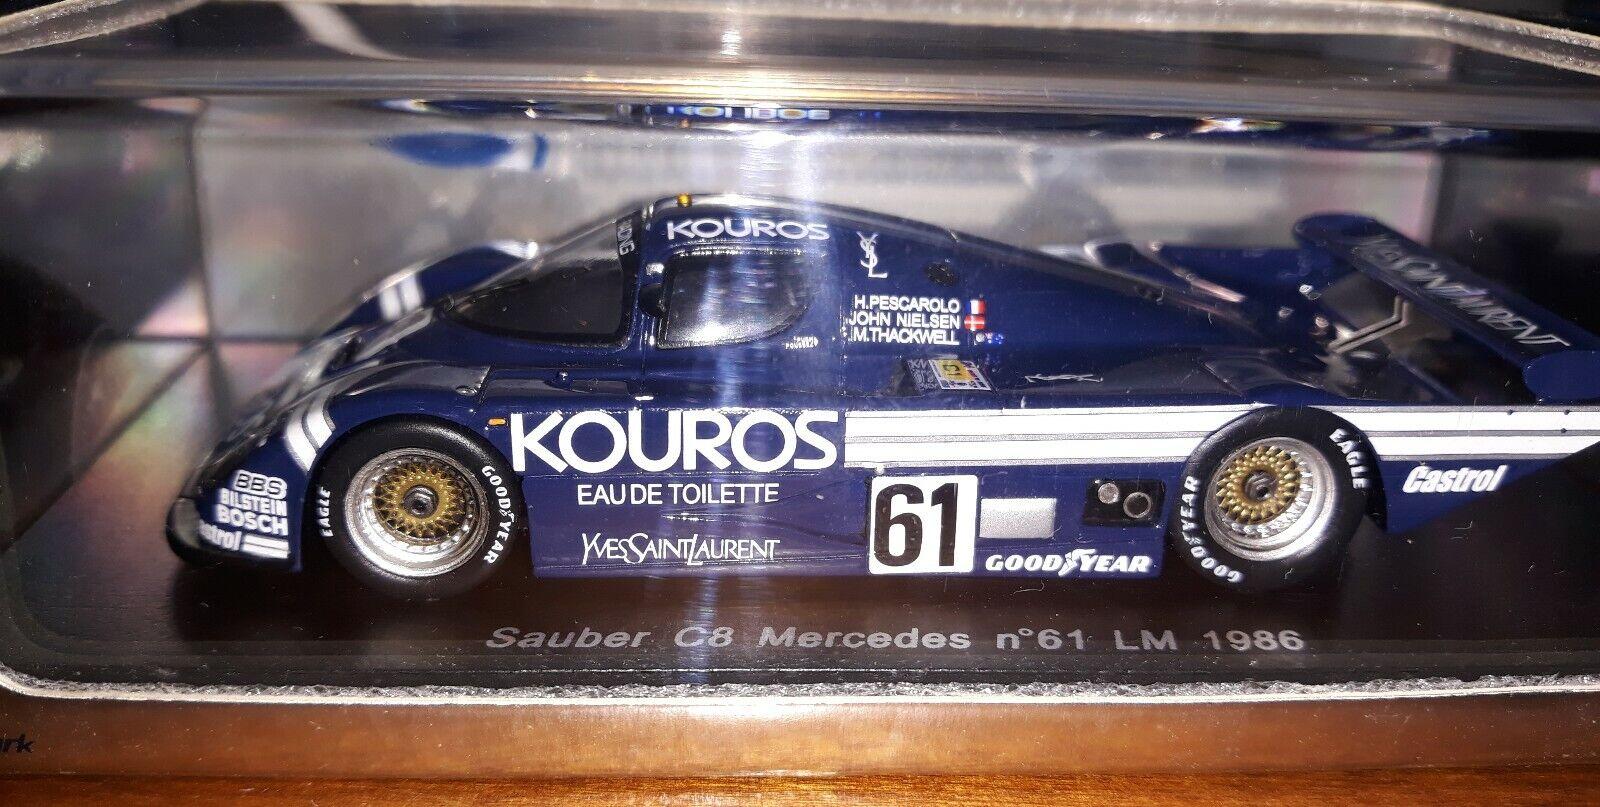 Spark 1 43 Sauber C8 Mercedes  61  Le Mans 1986 S1259  parfait